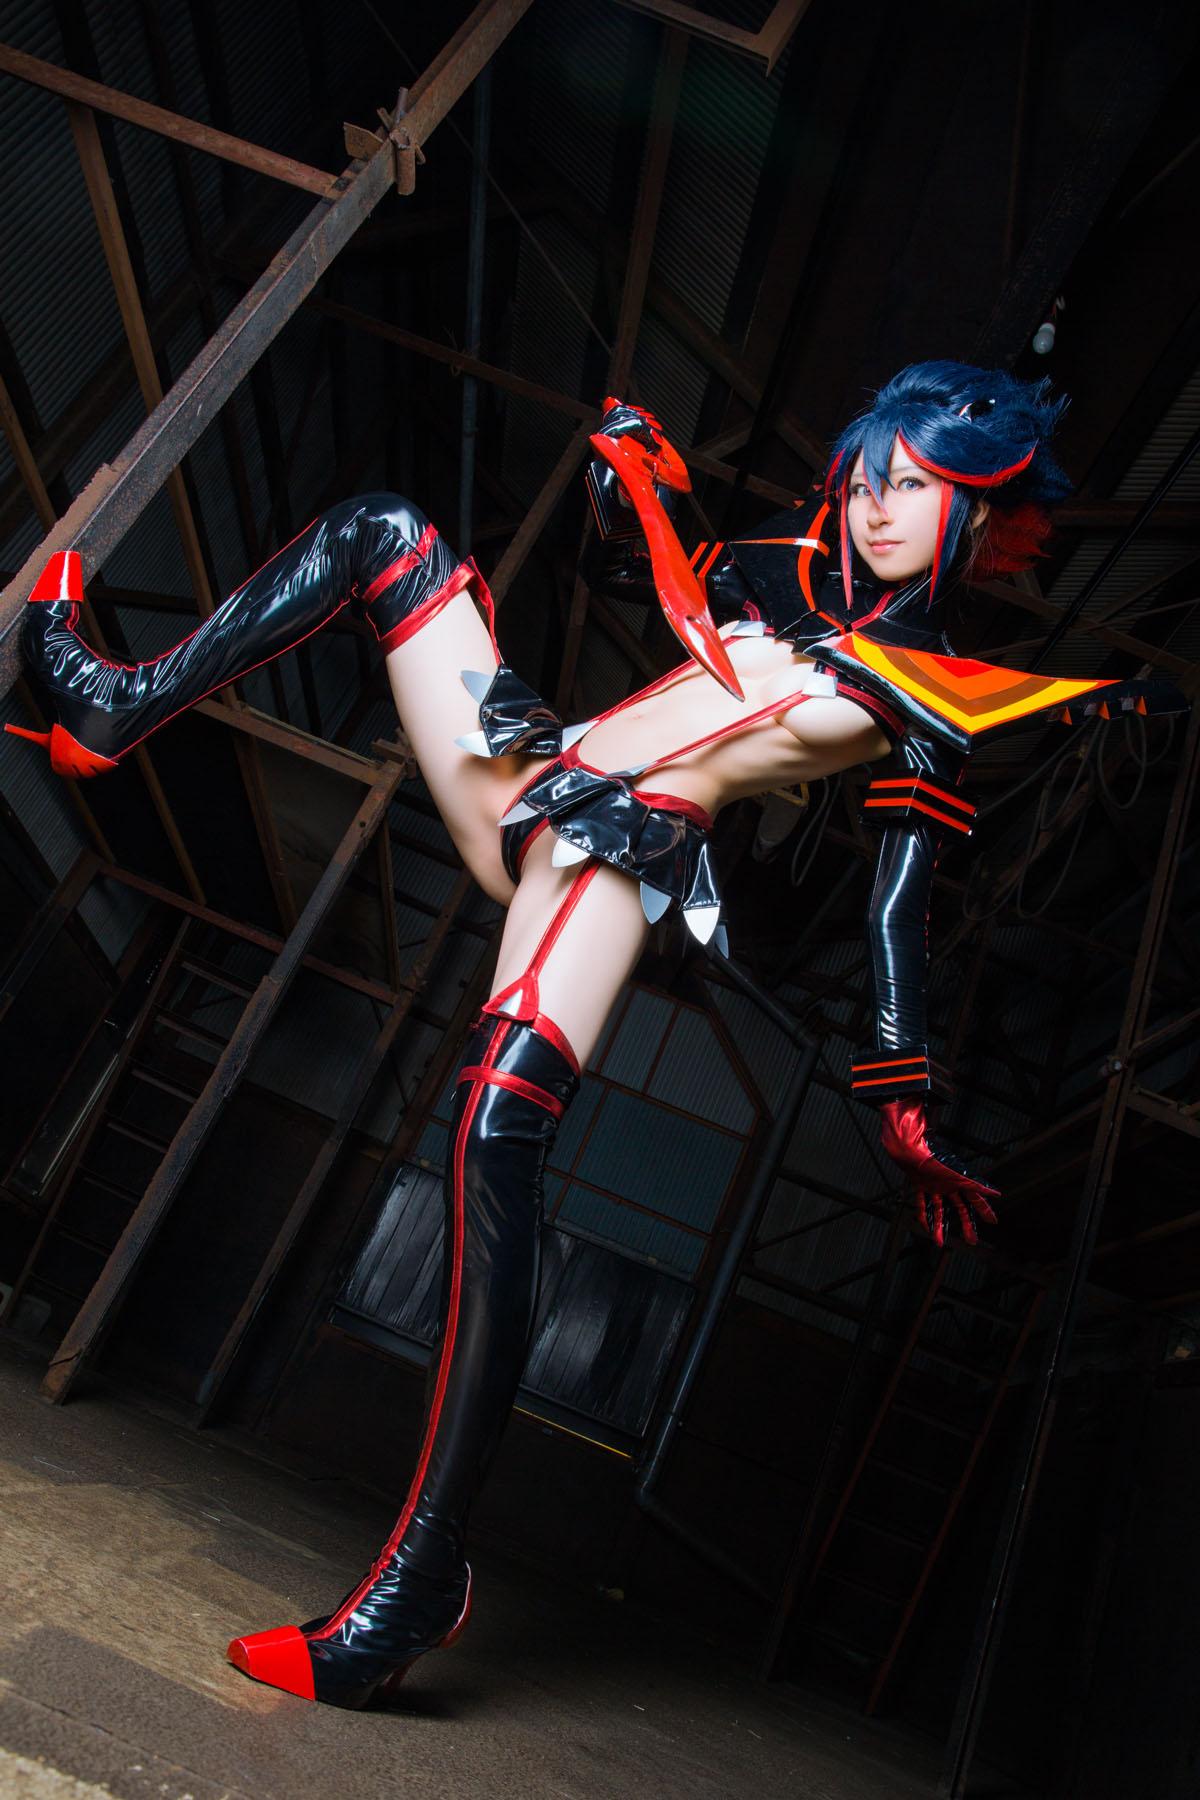 Kill la Kill Ryuuko Matoi anime cosplay by Mikehouse 0042